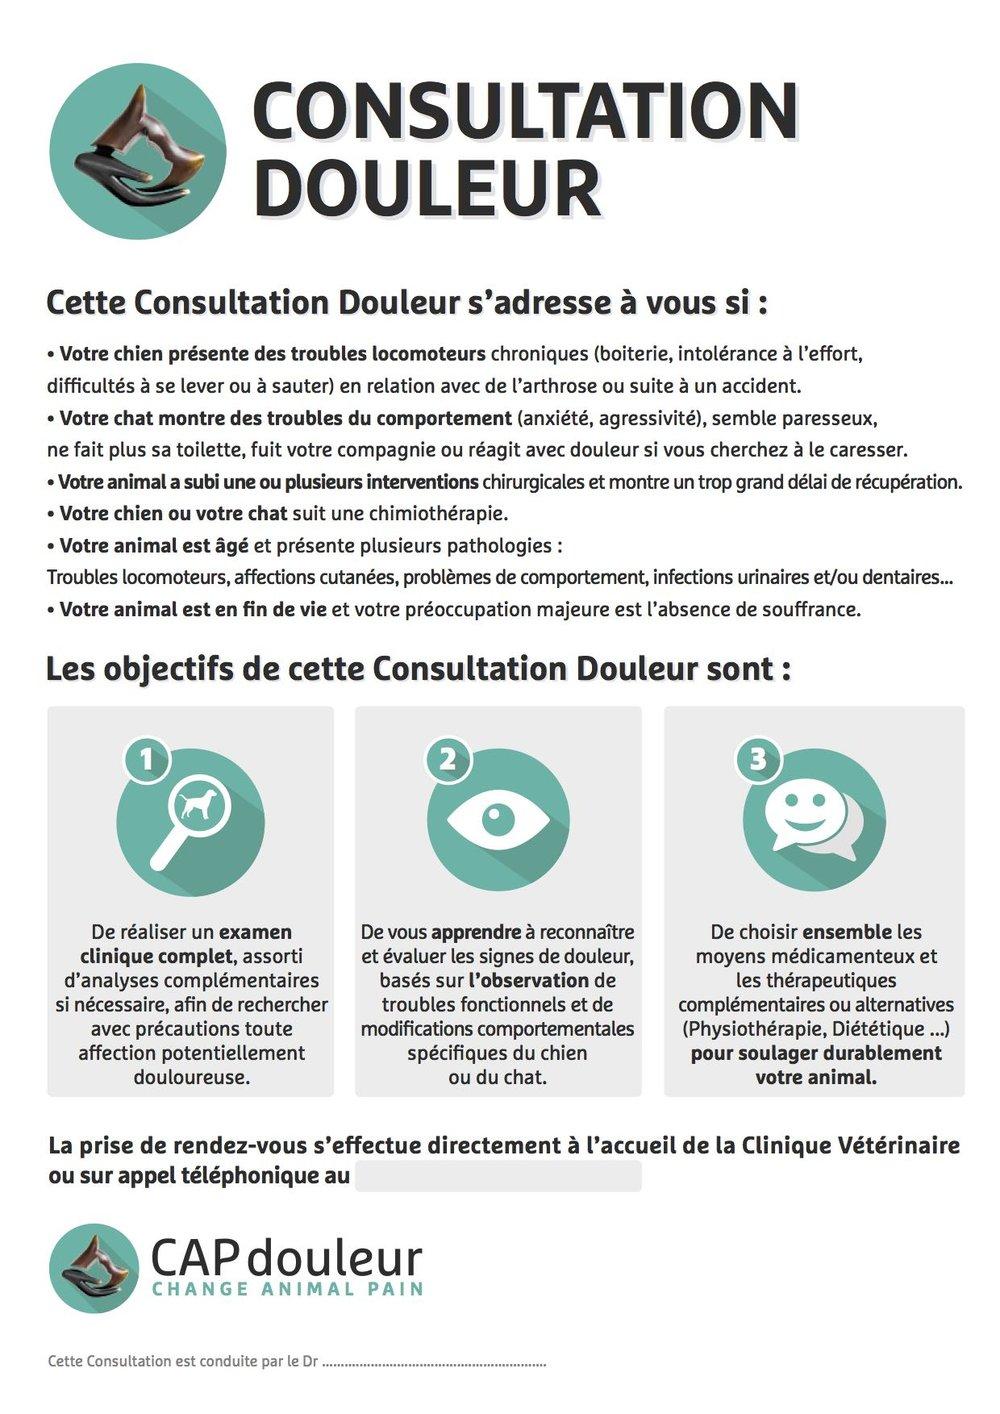 ConsultationDouleur.jpg